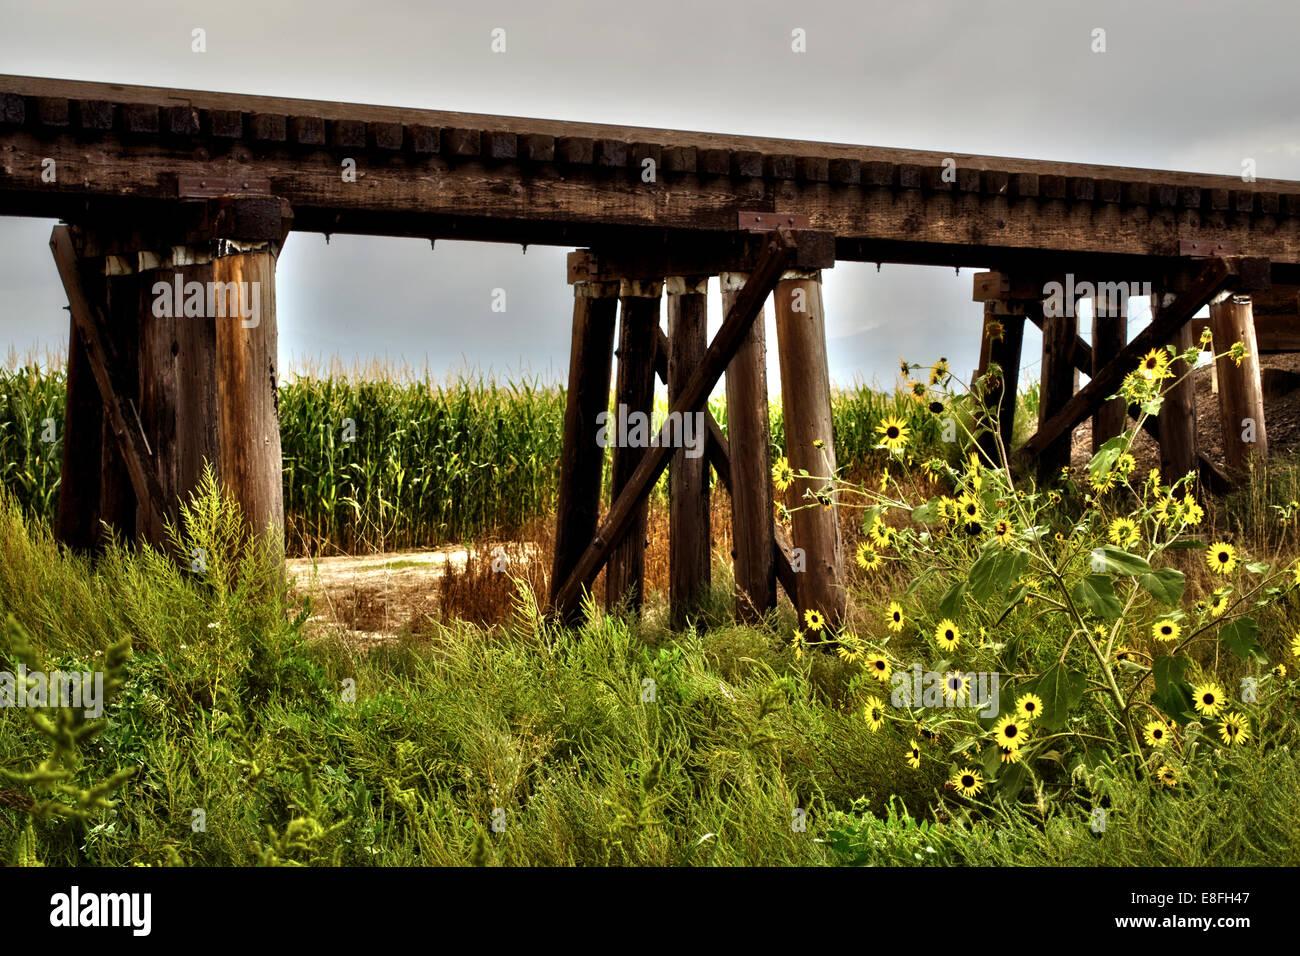 Caballete de tren rural rodeado por maíz y flores silvestres Imagen De Stock